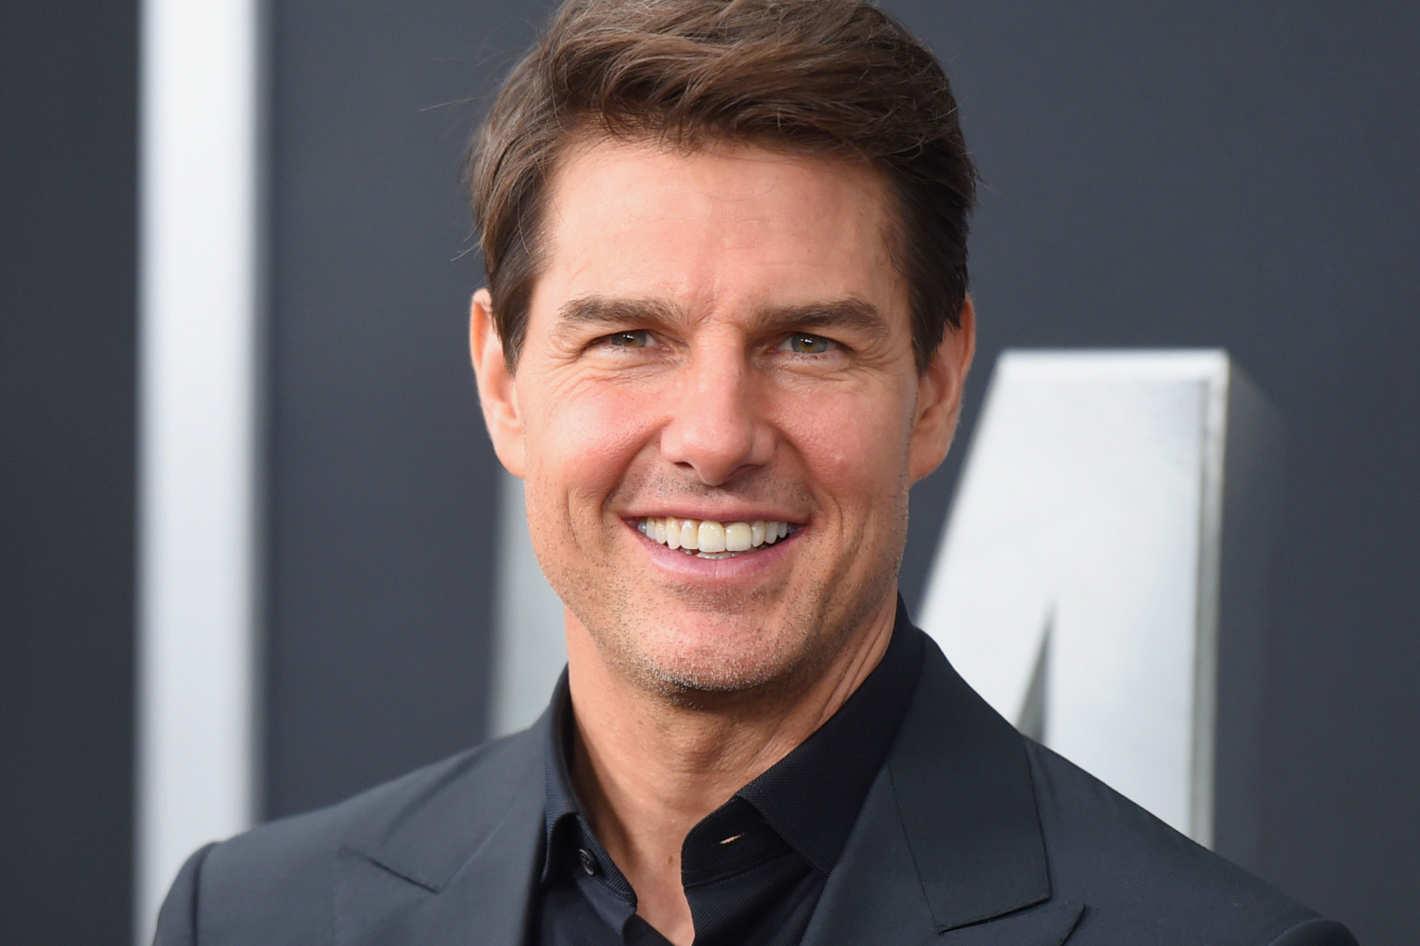 El deepfake de Tom Cruise y el debate sobre los alcances y riesgos de la tecnología